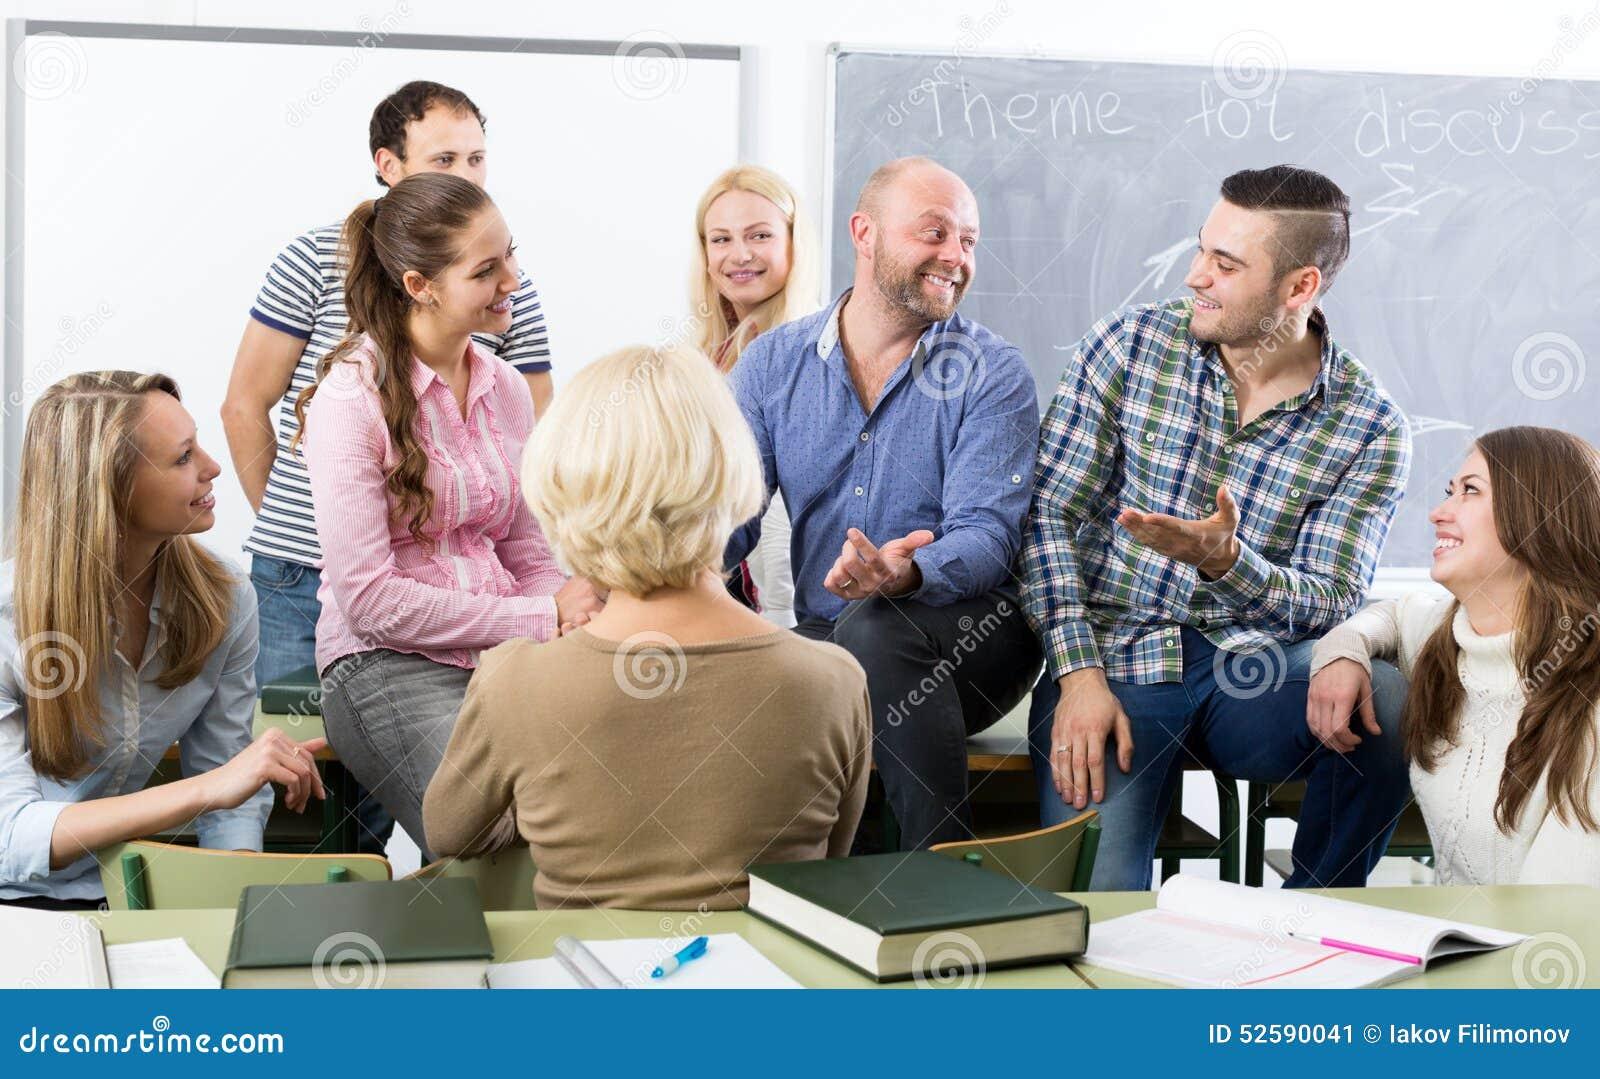 Учитель для взрослых картинки 21 фотография